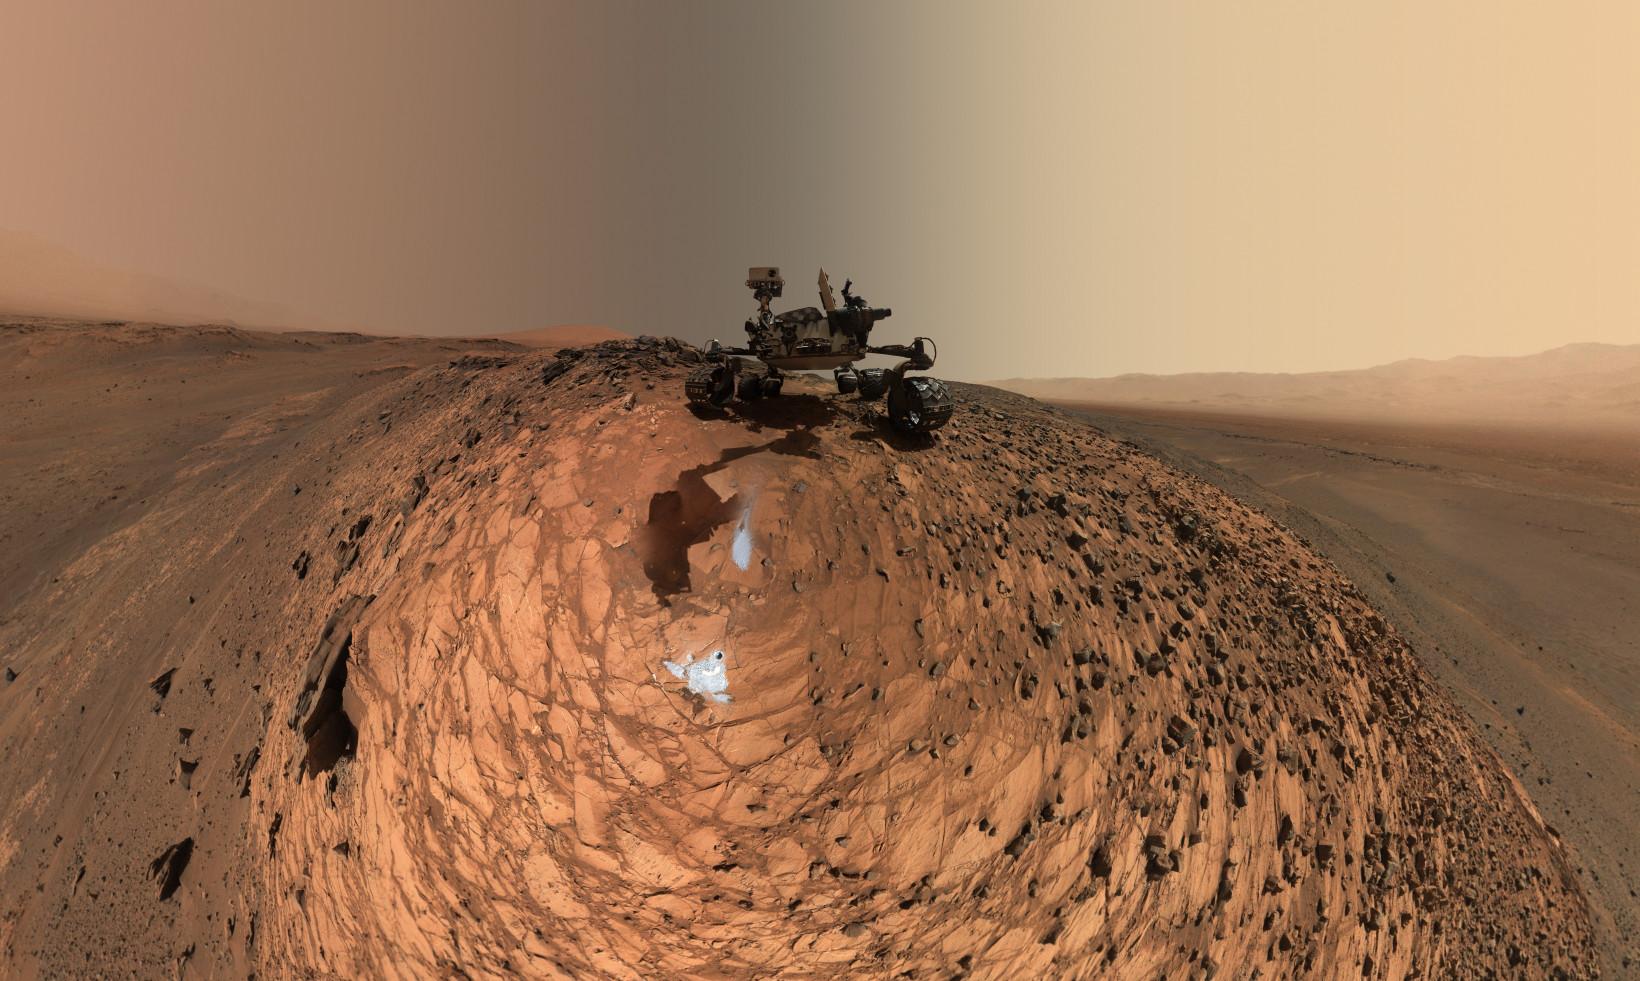 Curiosity is a car-sized Mars rover